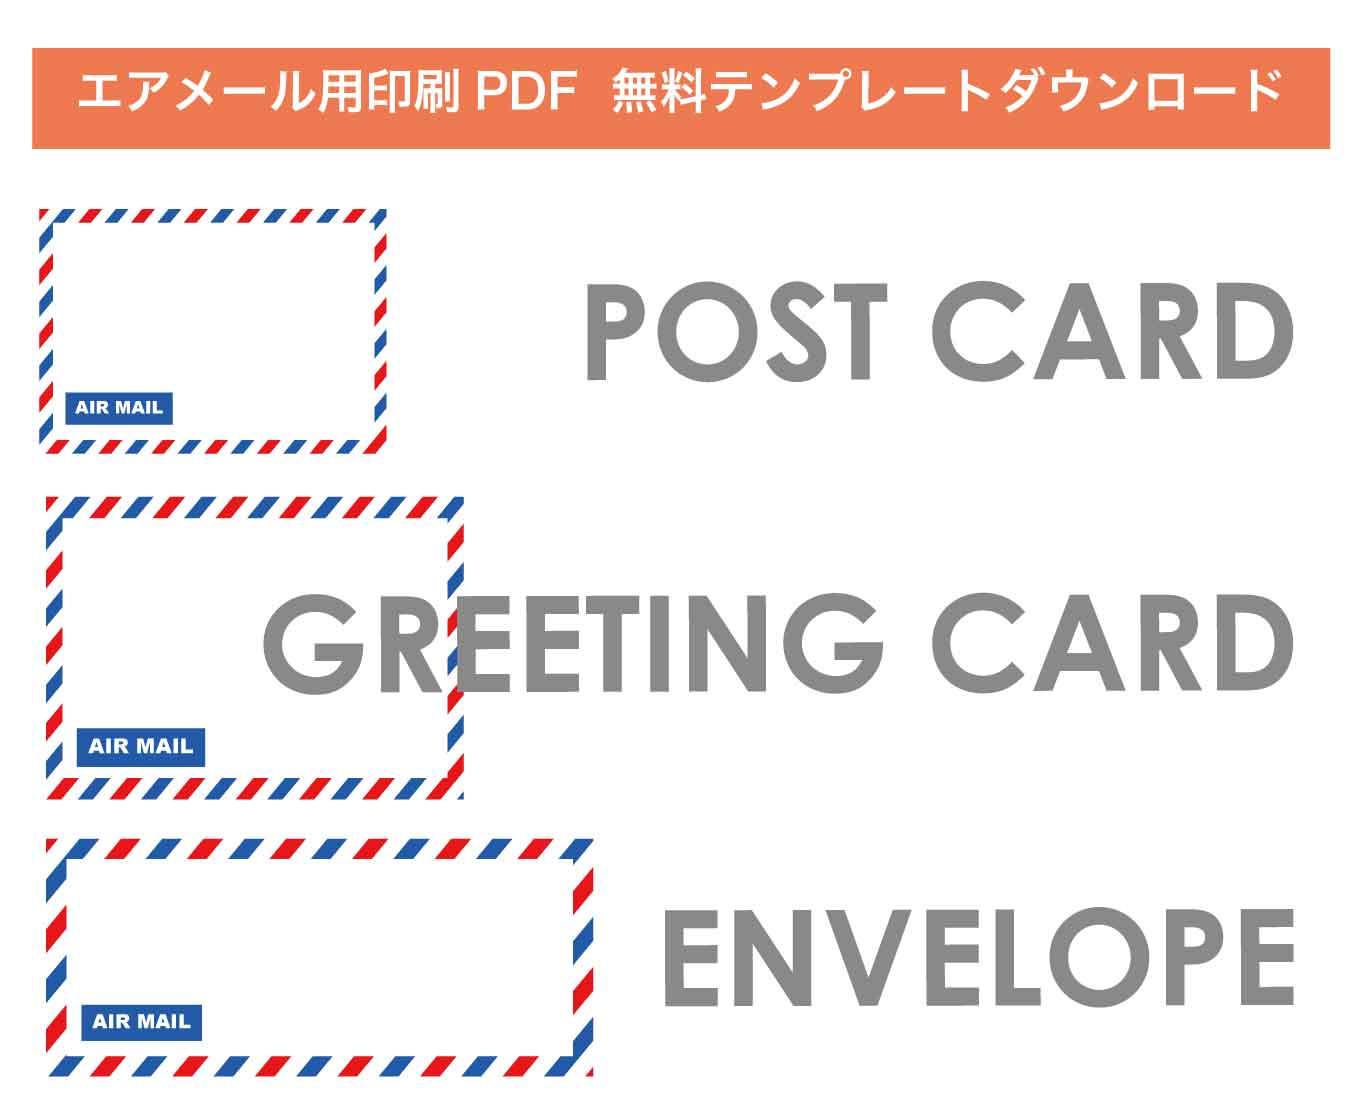 海外から日本へエアメールを送る方法・印刷用無料テンプレート